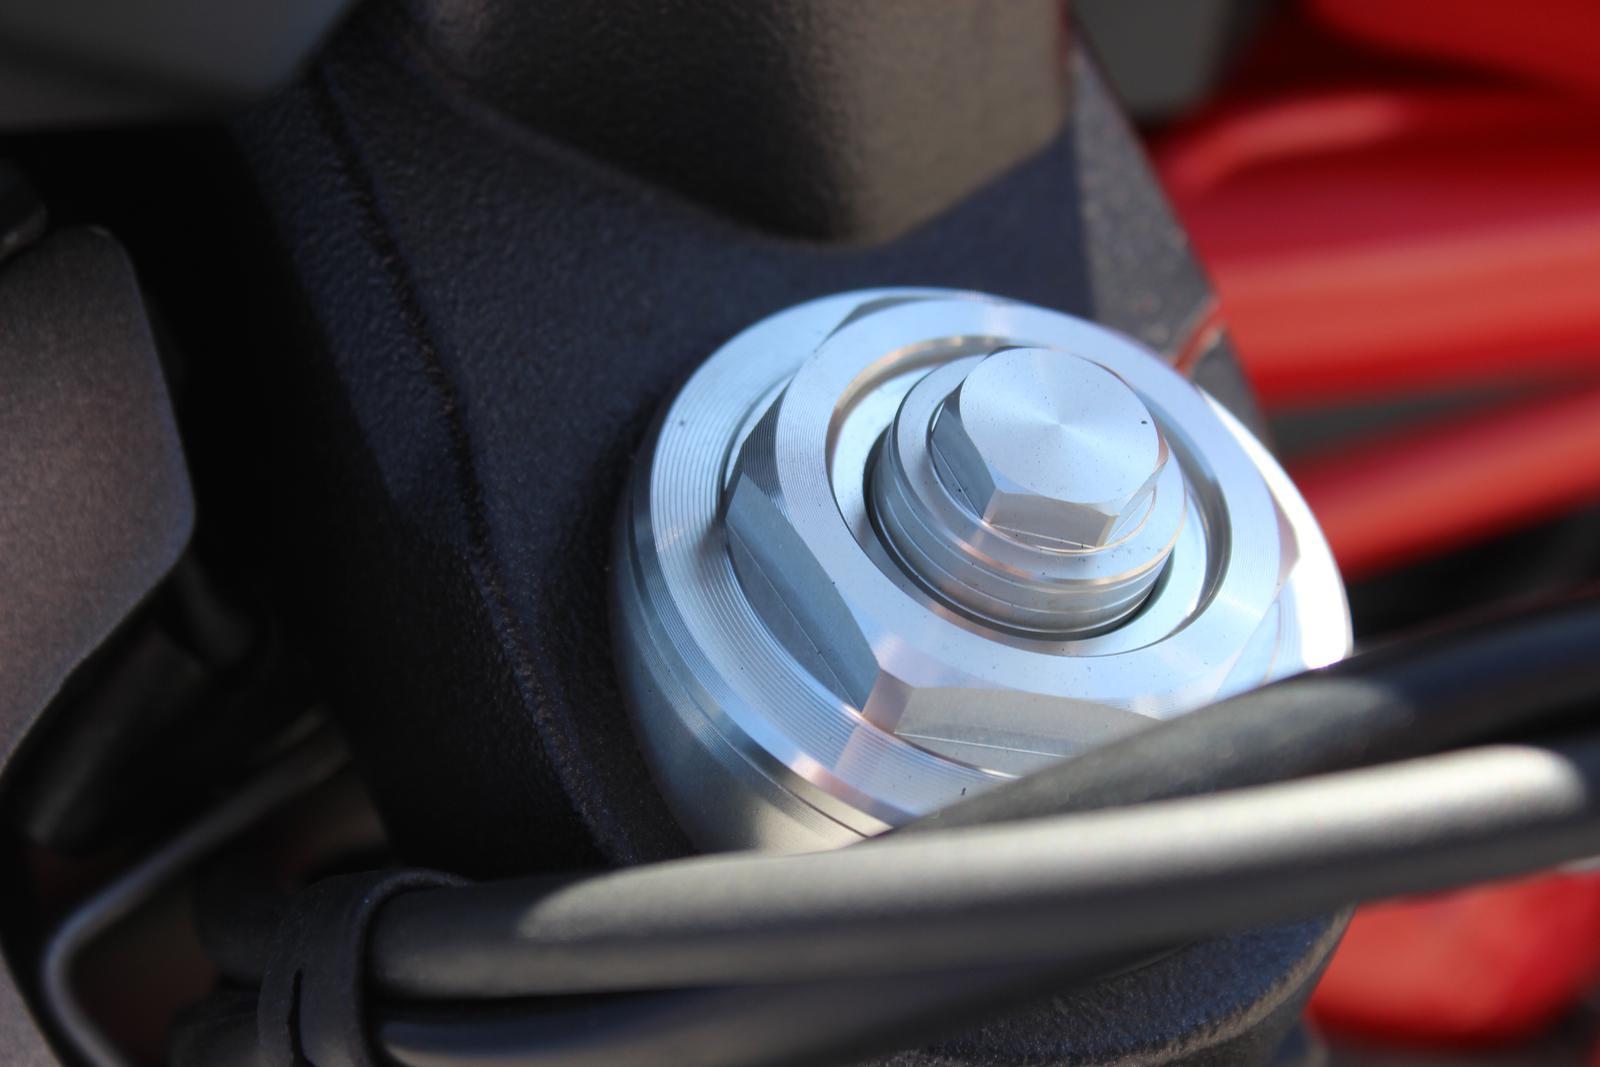 2017 Ducati Monster 1200 for sale in Scottsdale, AZ. GO AZ ...